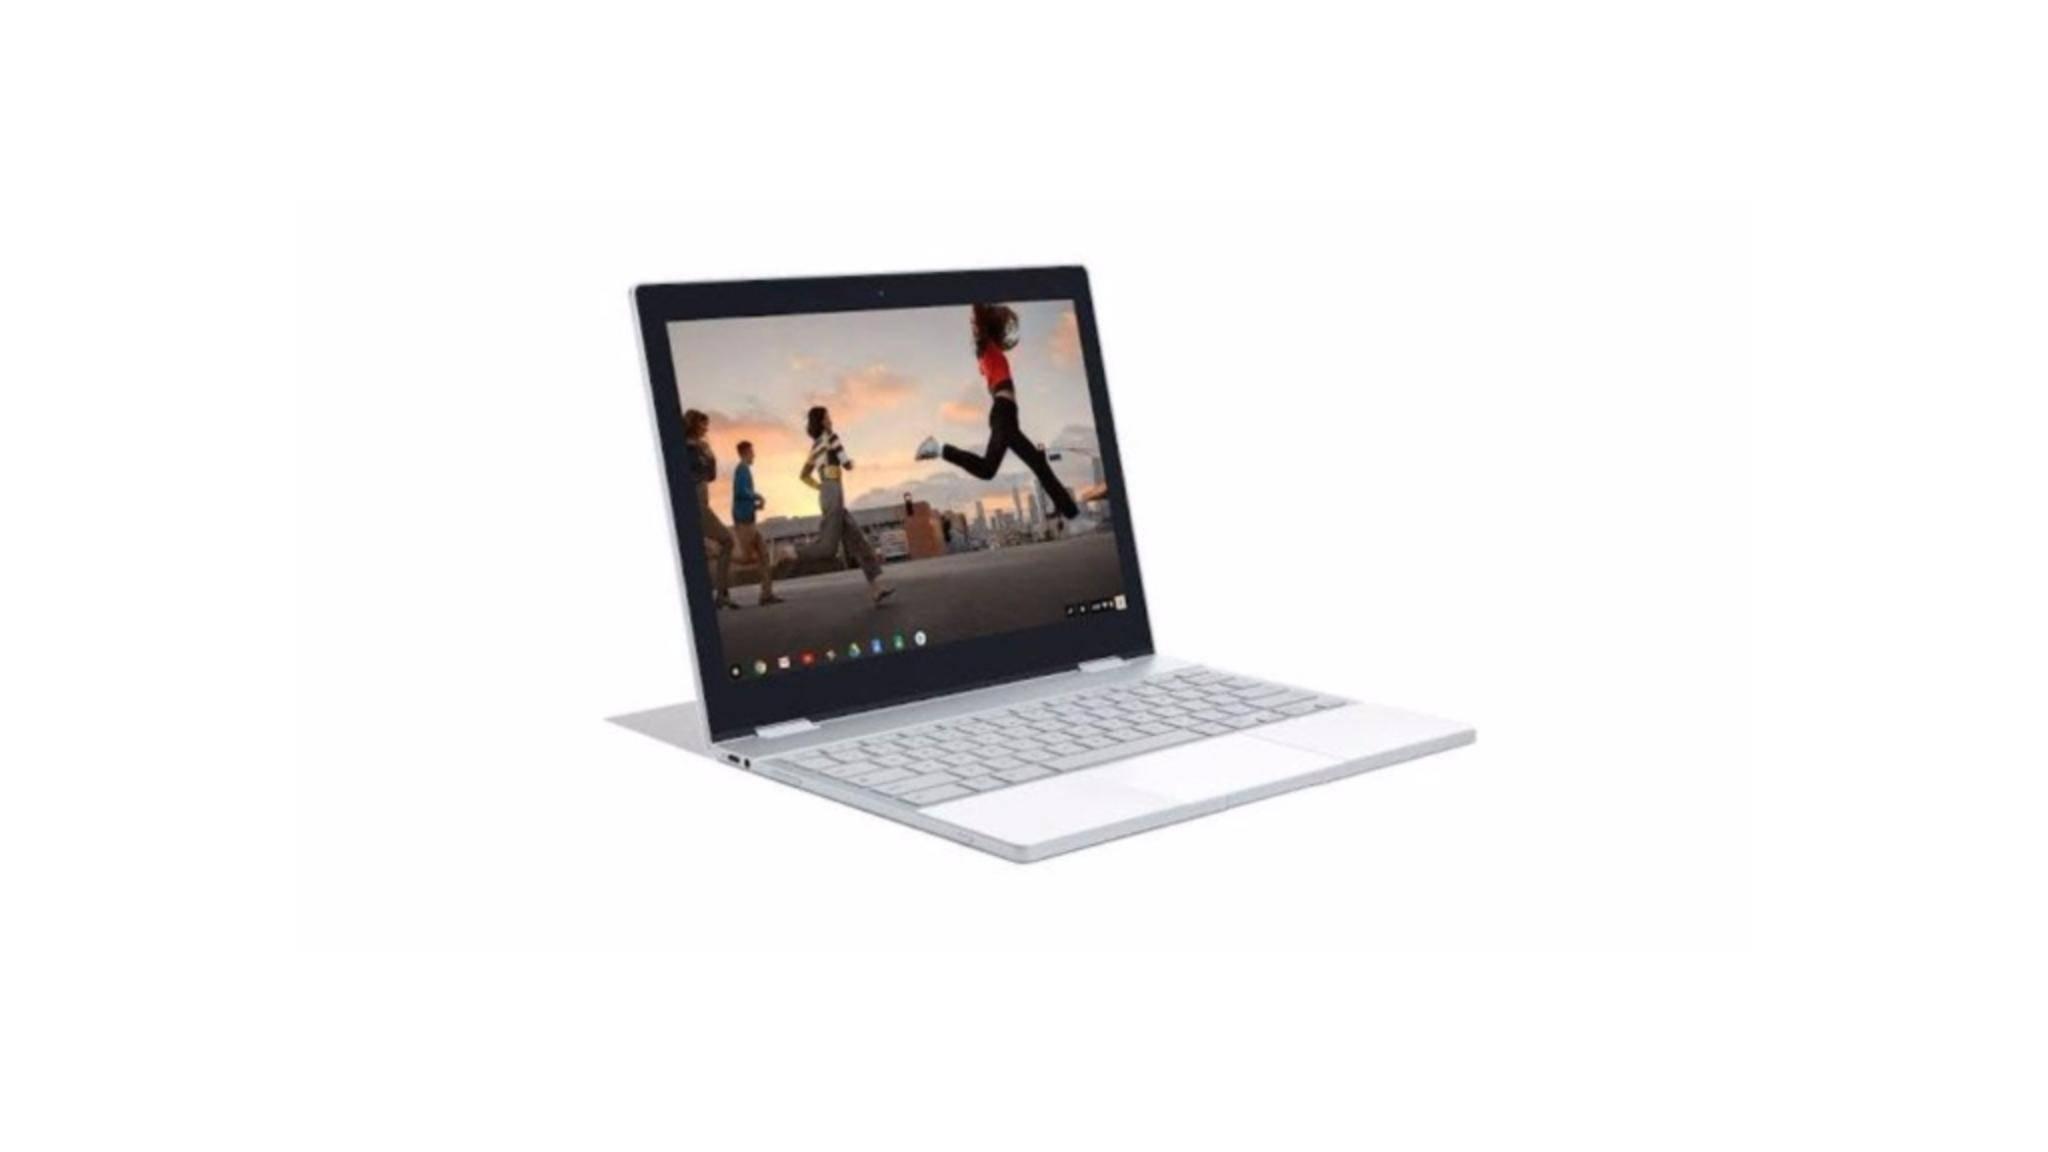 Das Google Pixelbook soll mindestens 1200 US-Dollar kosten.